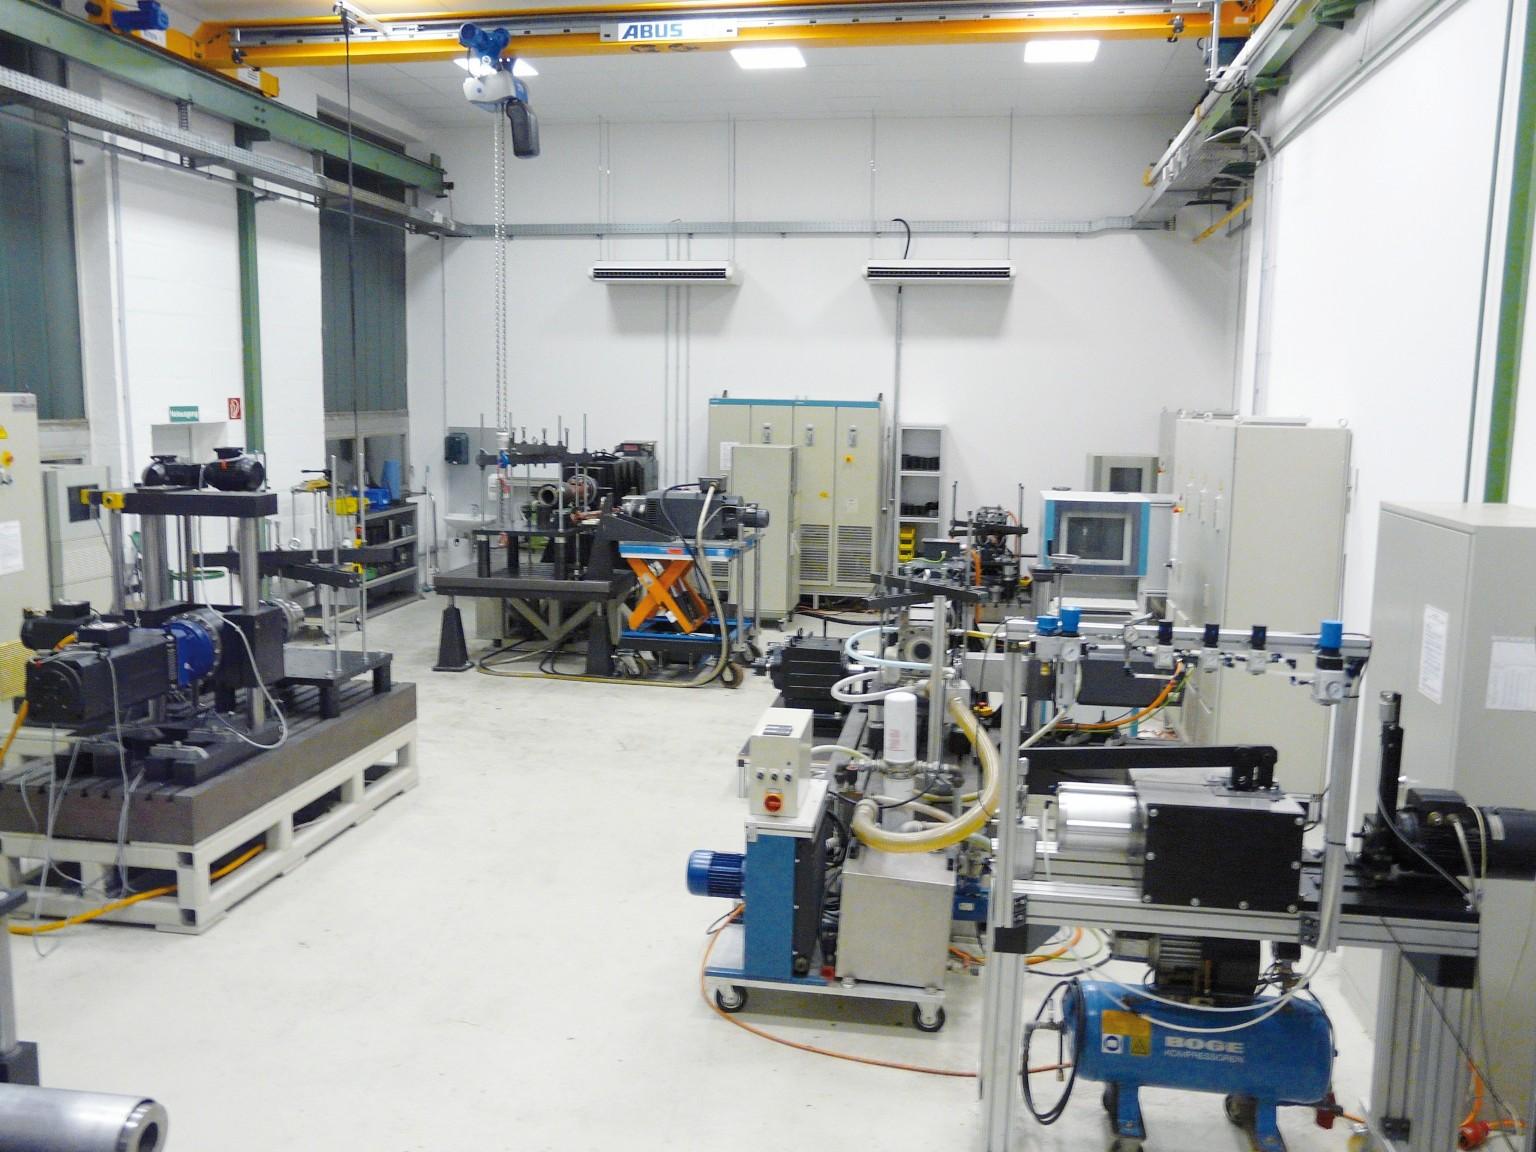 Bild 2 Ein Blick in das neue Prüffeld der Firma ZAE-AntriebsSysteme. Bild: ZAE